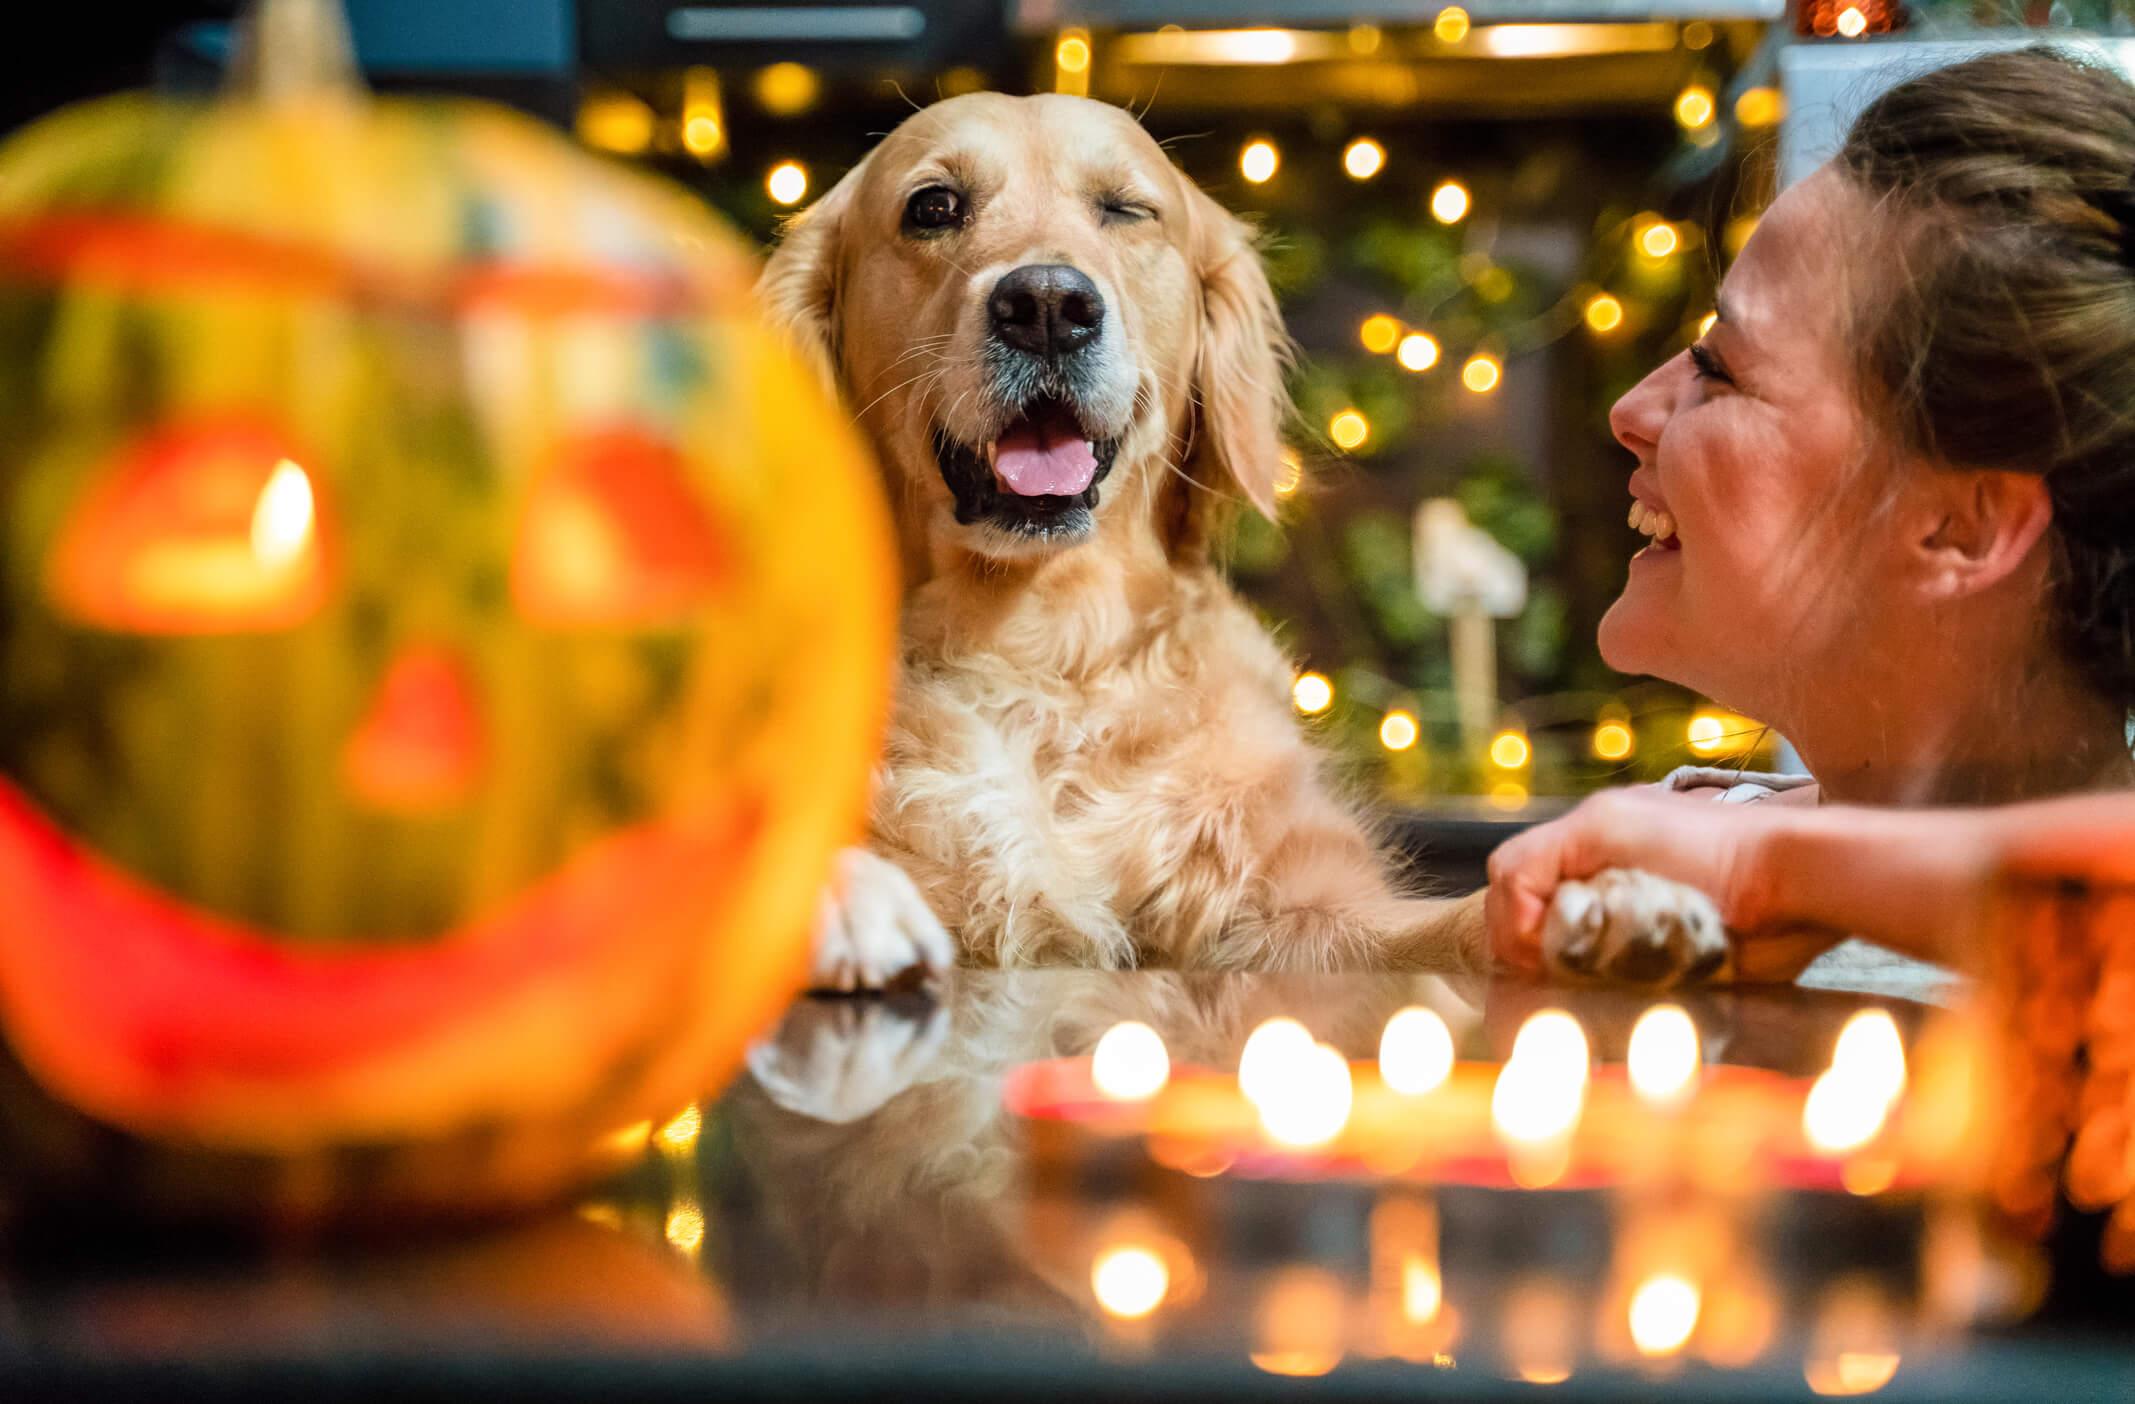 Gruselmasken, Klingeln an der Haustür, Parties und ungewohnte Dekorationen mit Kürbis - Hunde können am 31. Oktober Angst bekommen. Wir haben eine Liste an Tipps zusammengestellt, damit Hunde an Halloween weniger Stress haben. © Pexels.com